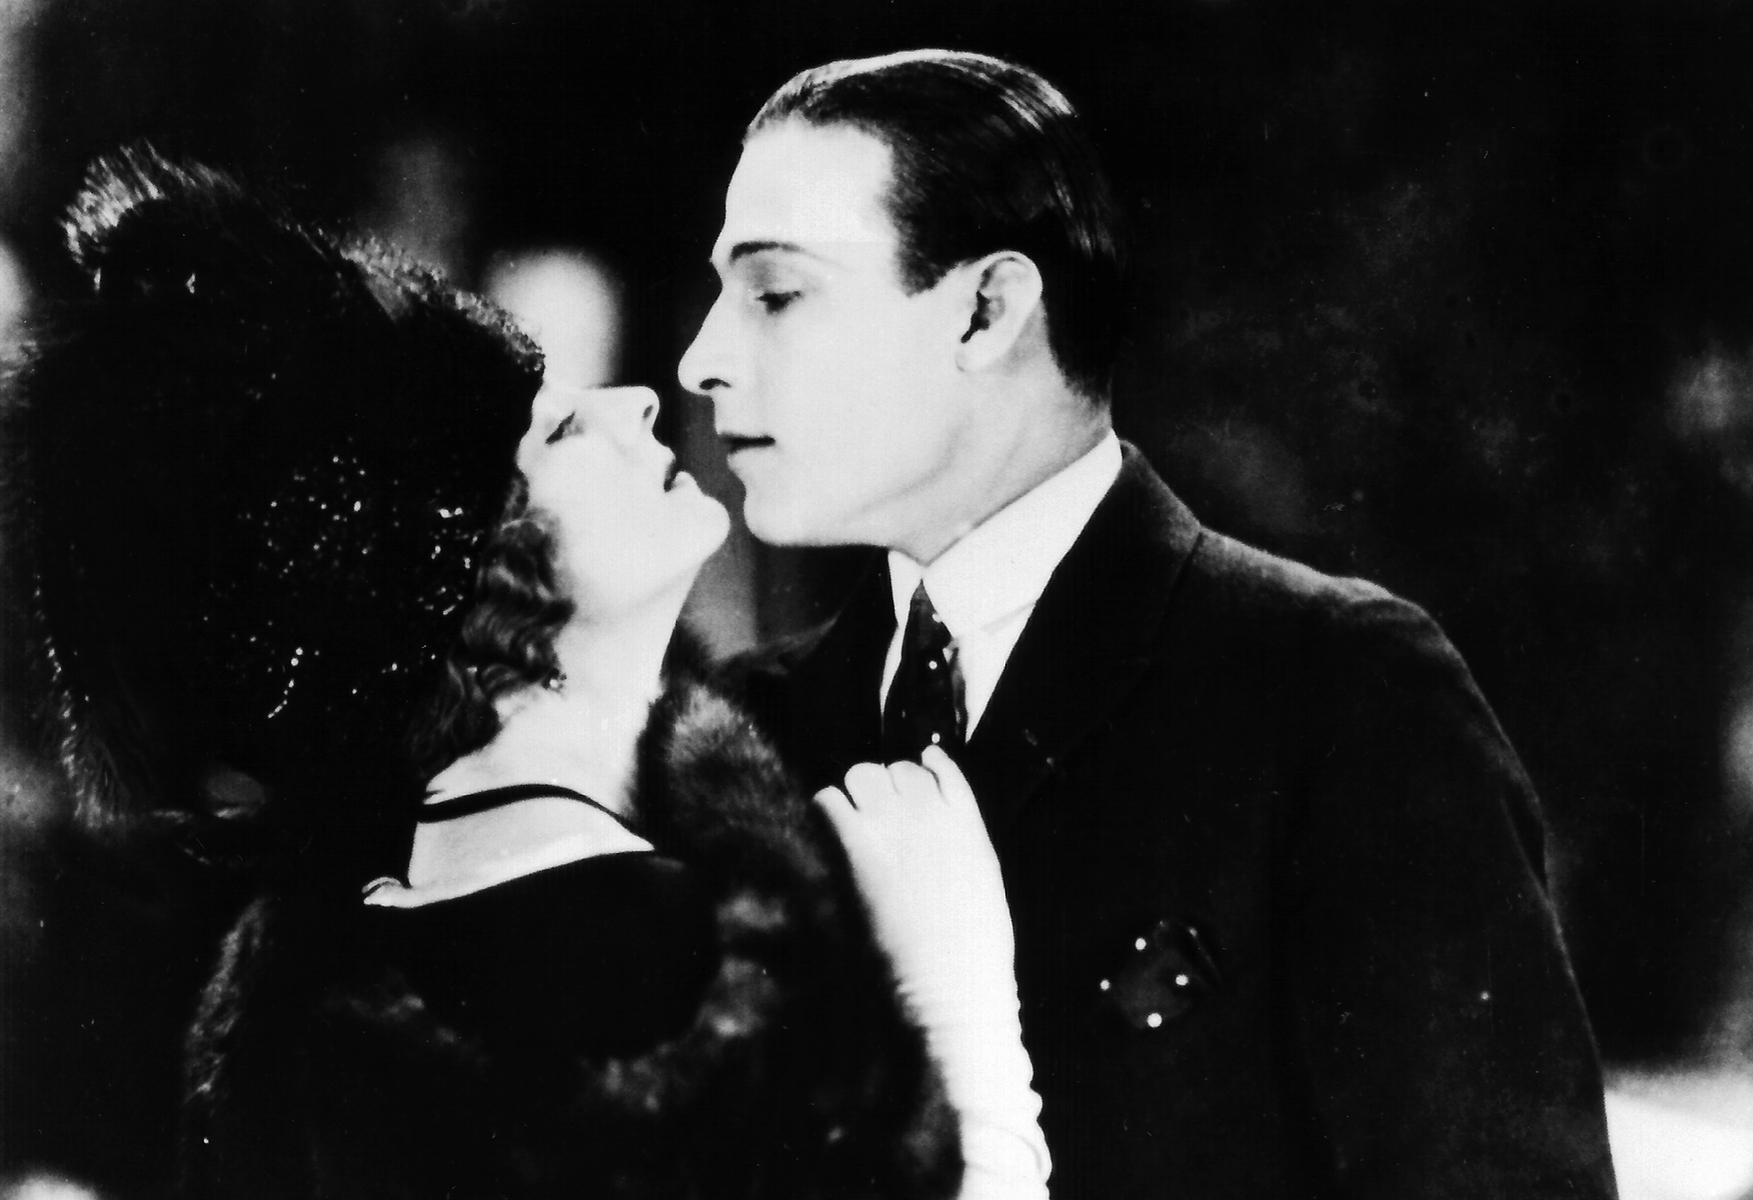 San Francisco Silent Film Festival Welcomes Back a Bygone Era